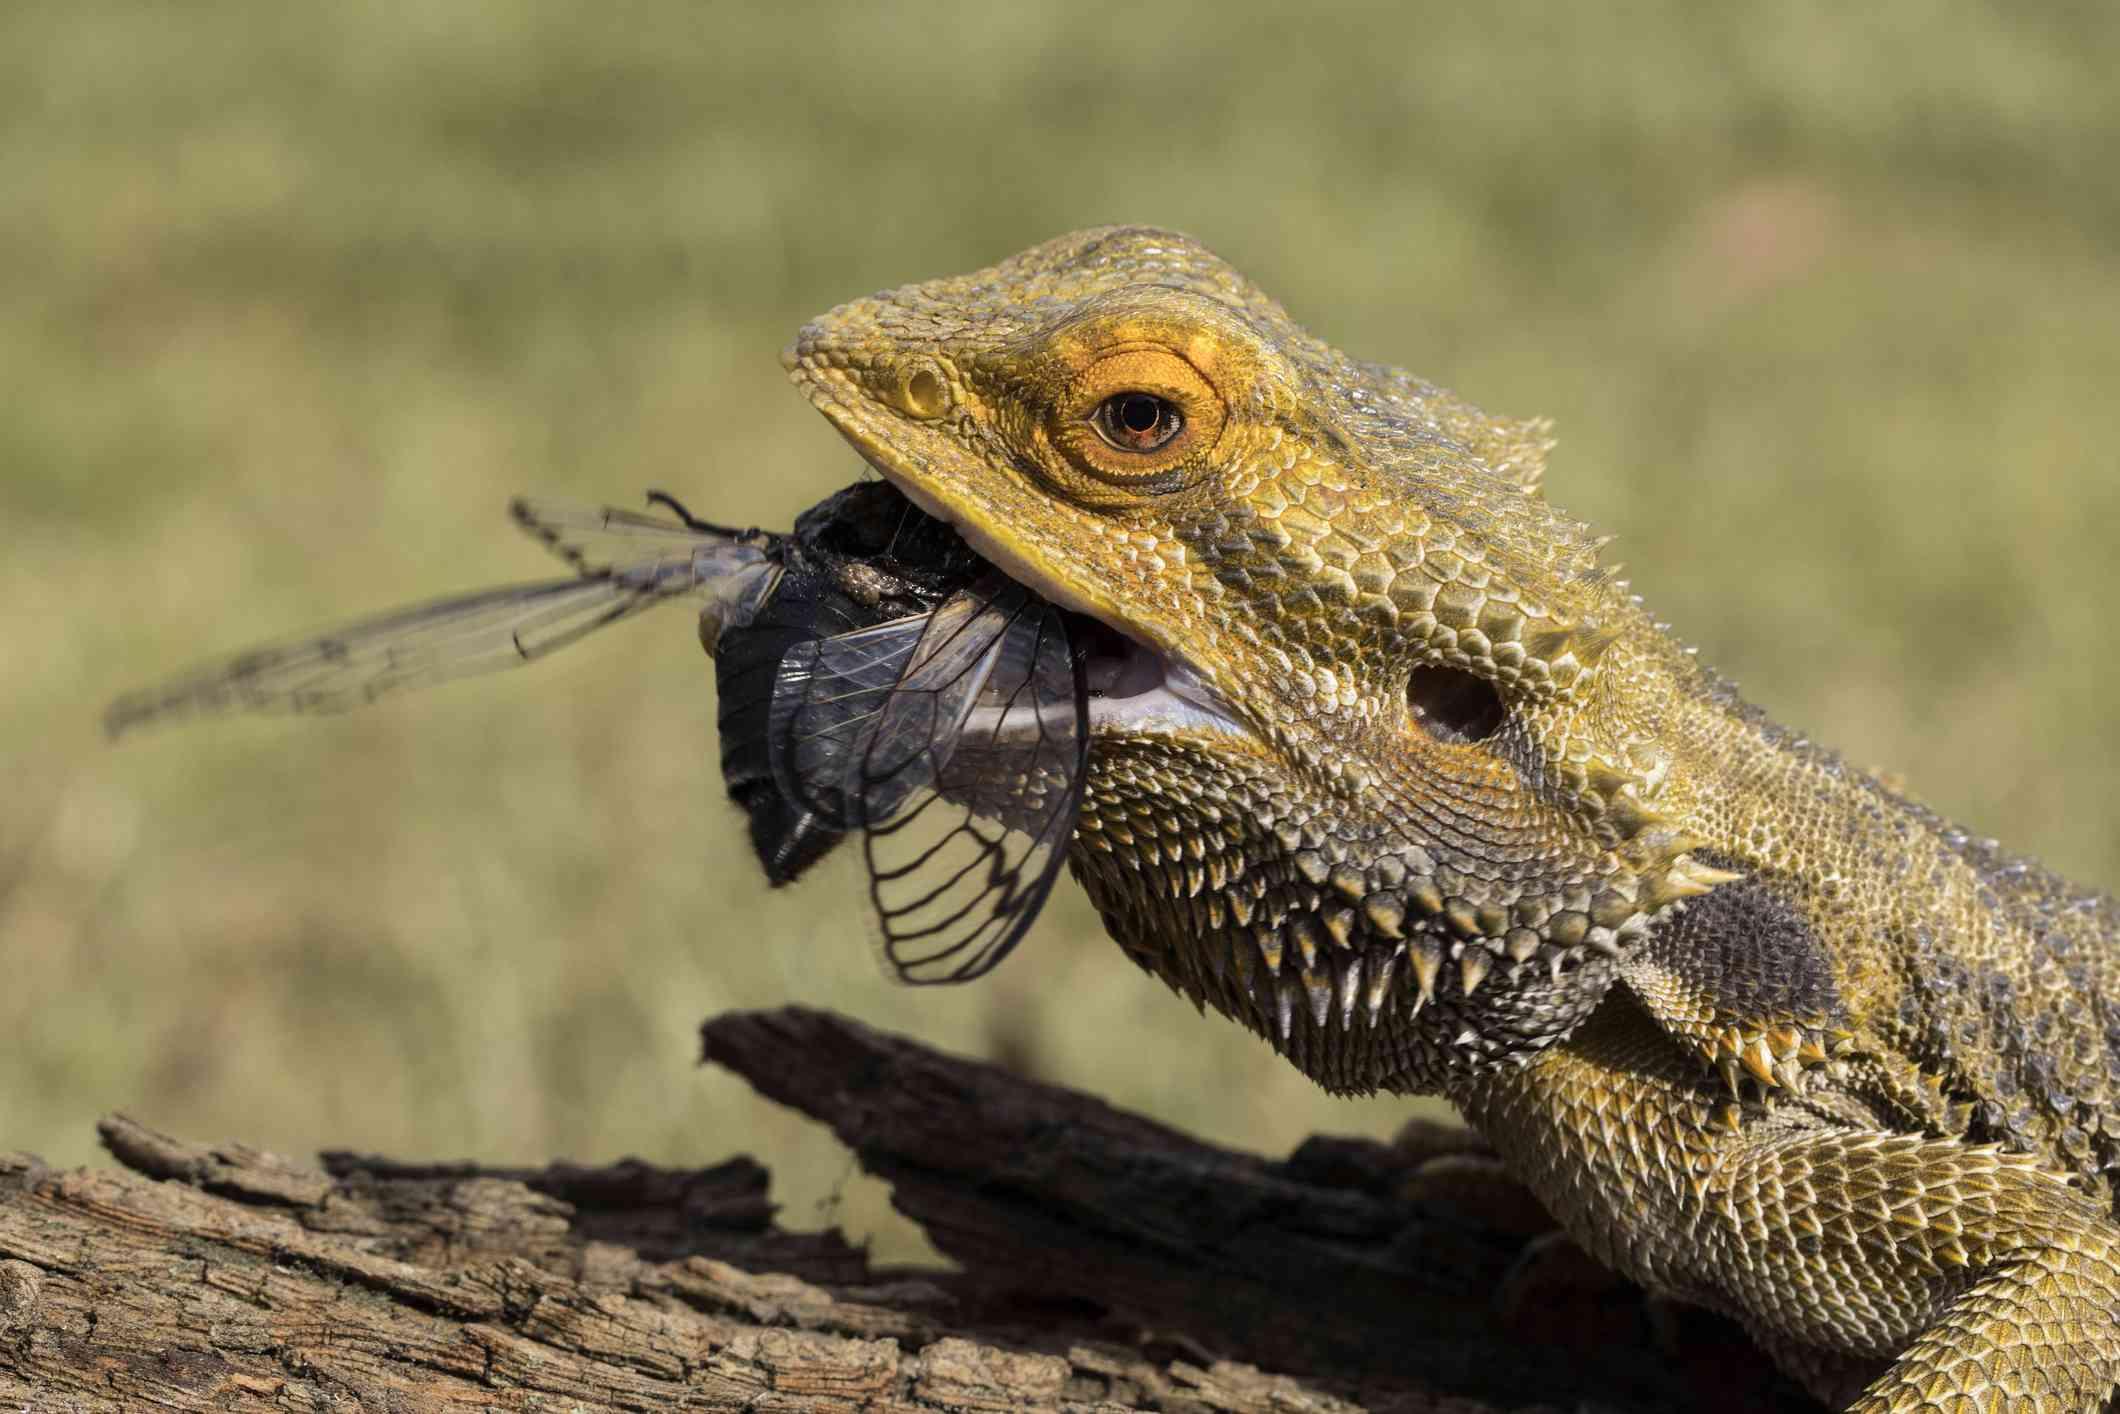 Central bearded dragon eating a cicada